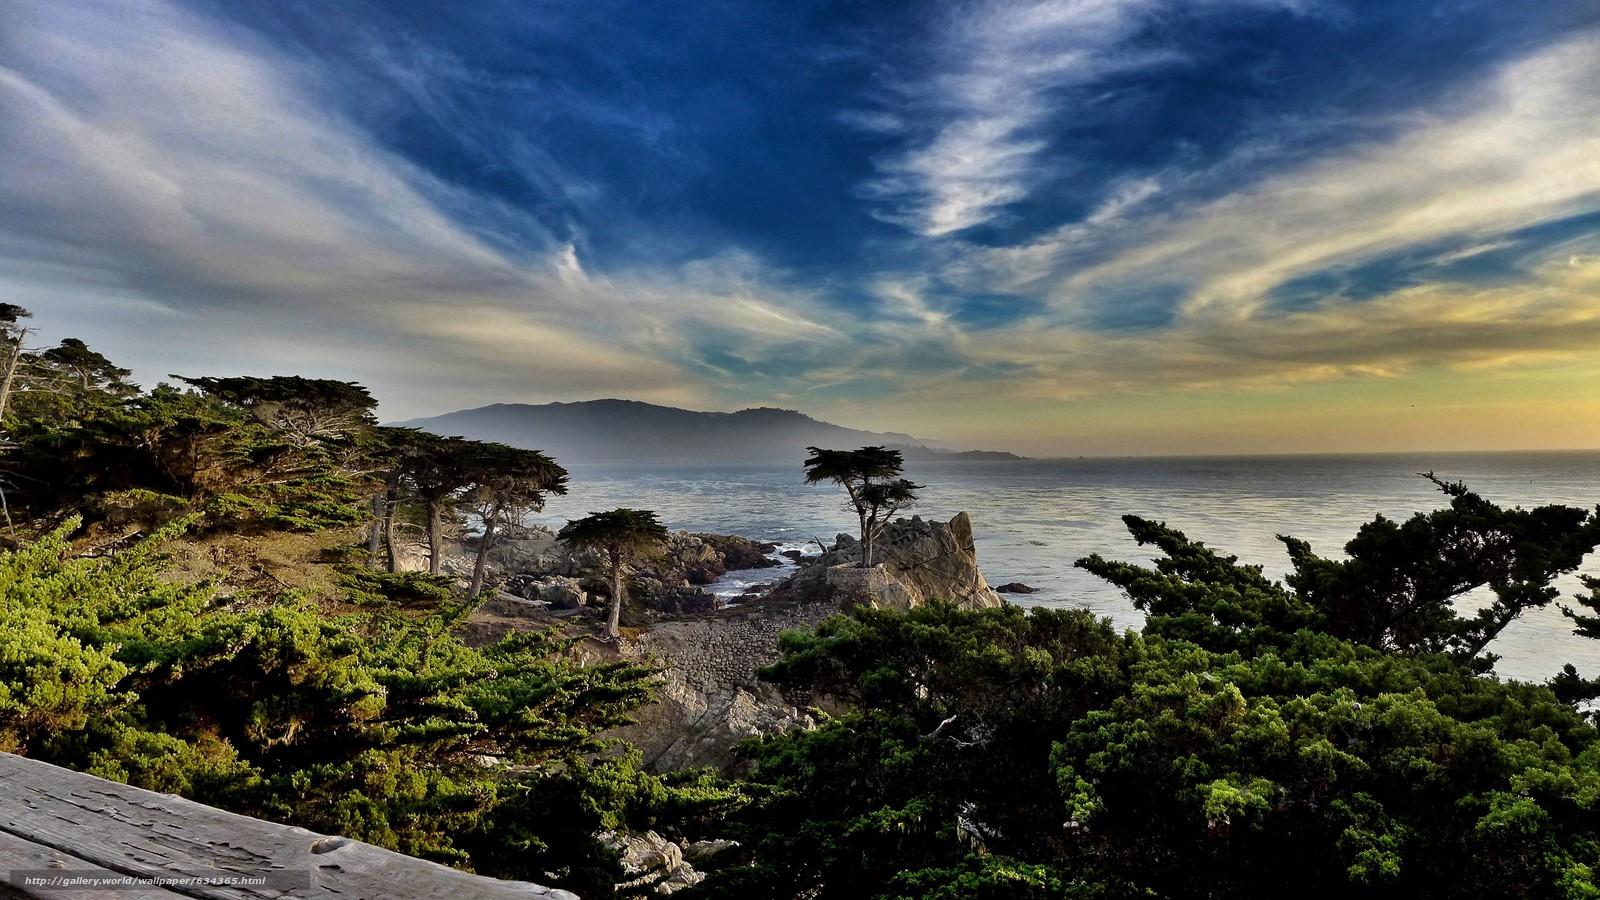 Скачать обои Lone Cypress,  Pebble Beach,  California,  море бесплатно для рабочего стола в разрешении 3968x2232 — картинка №634365